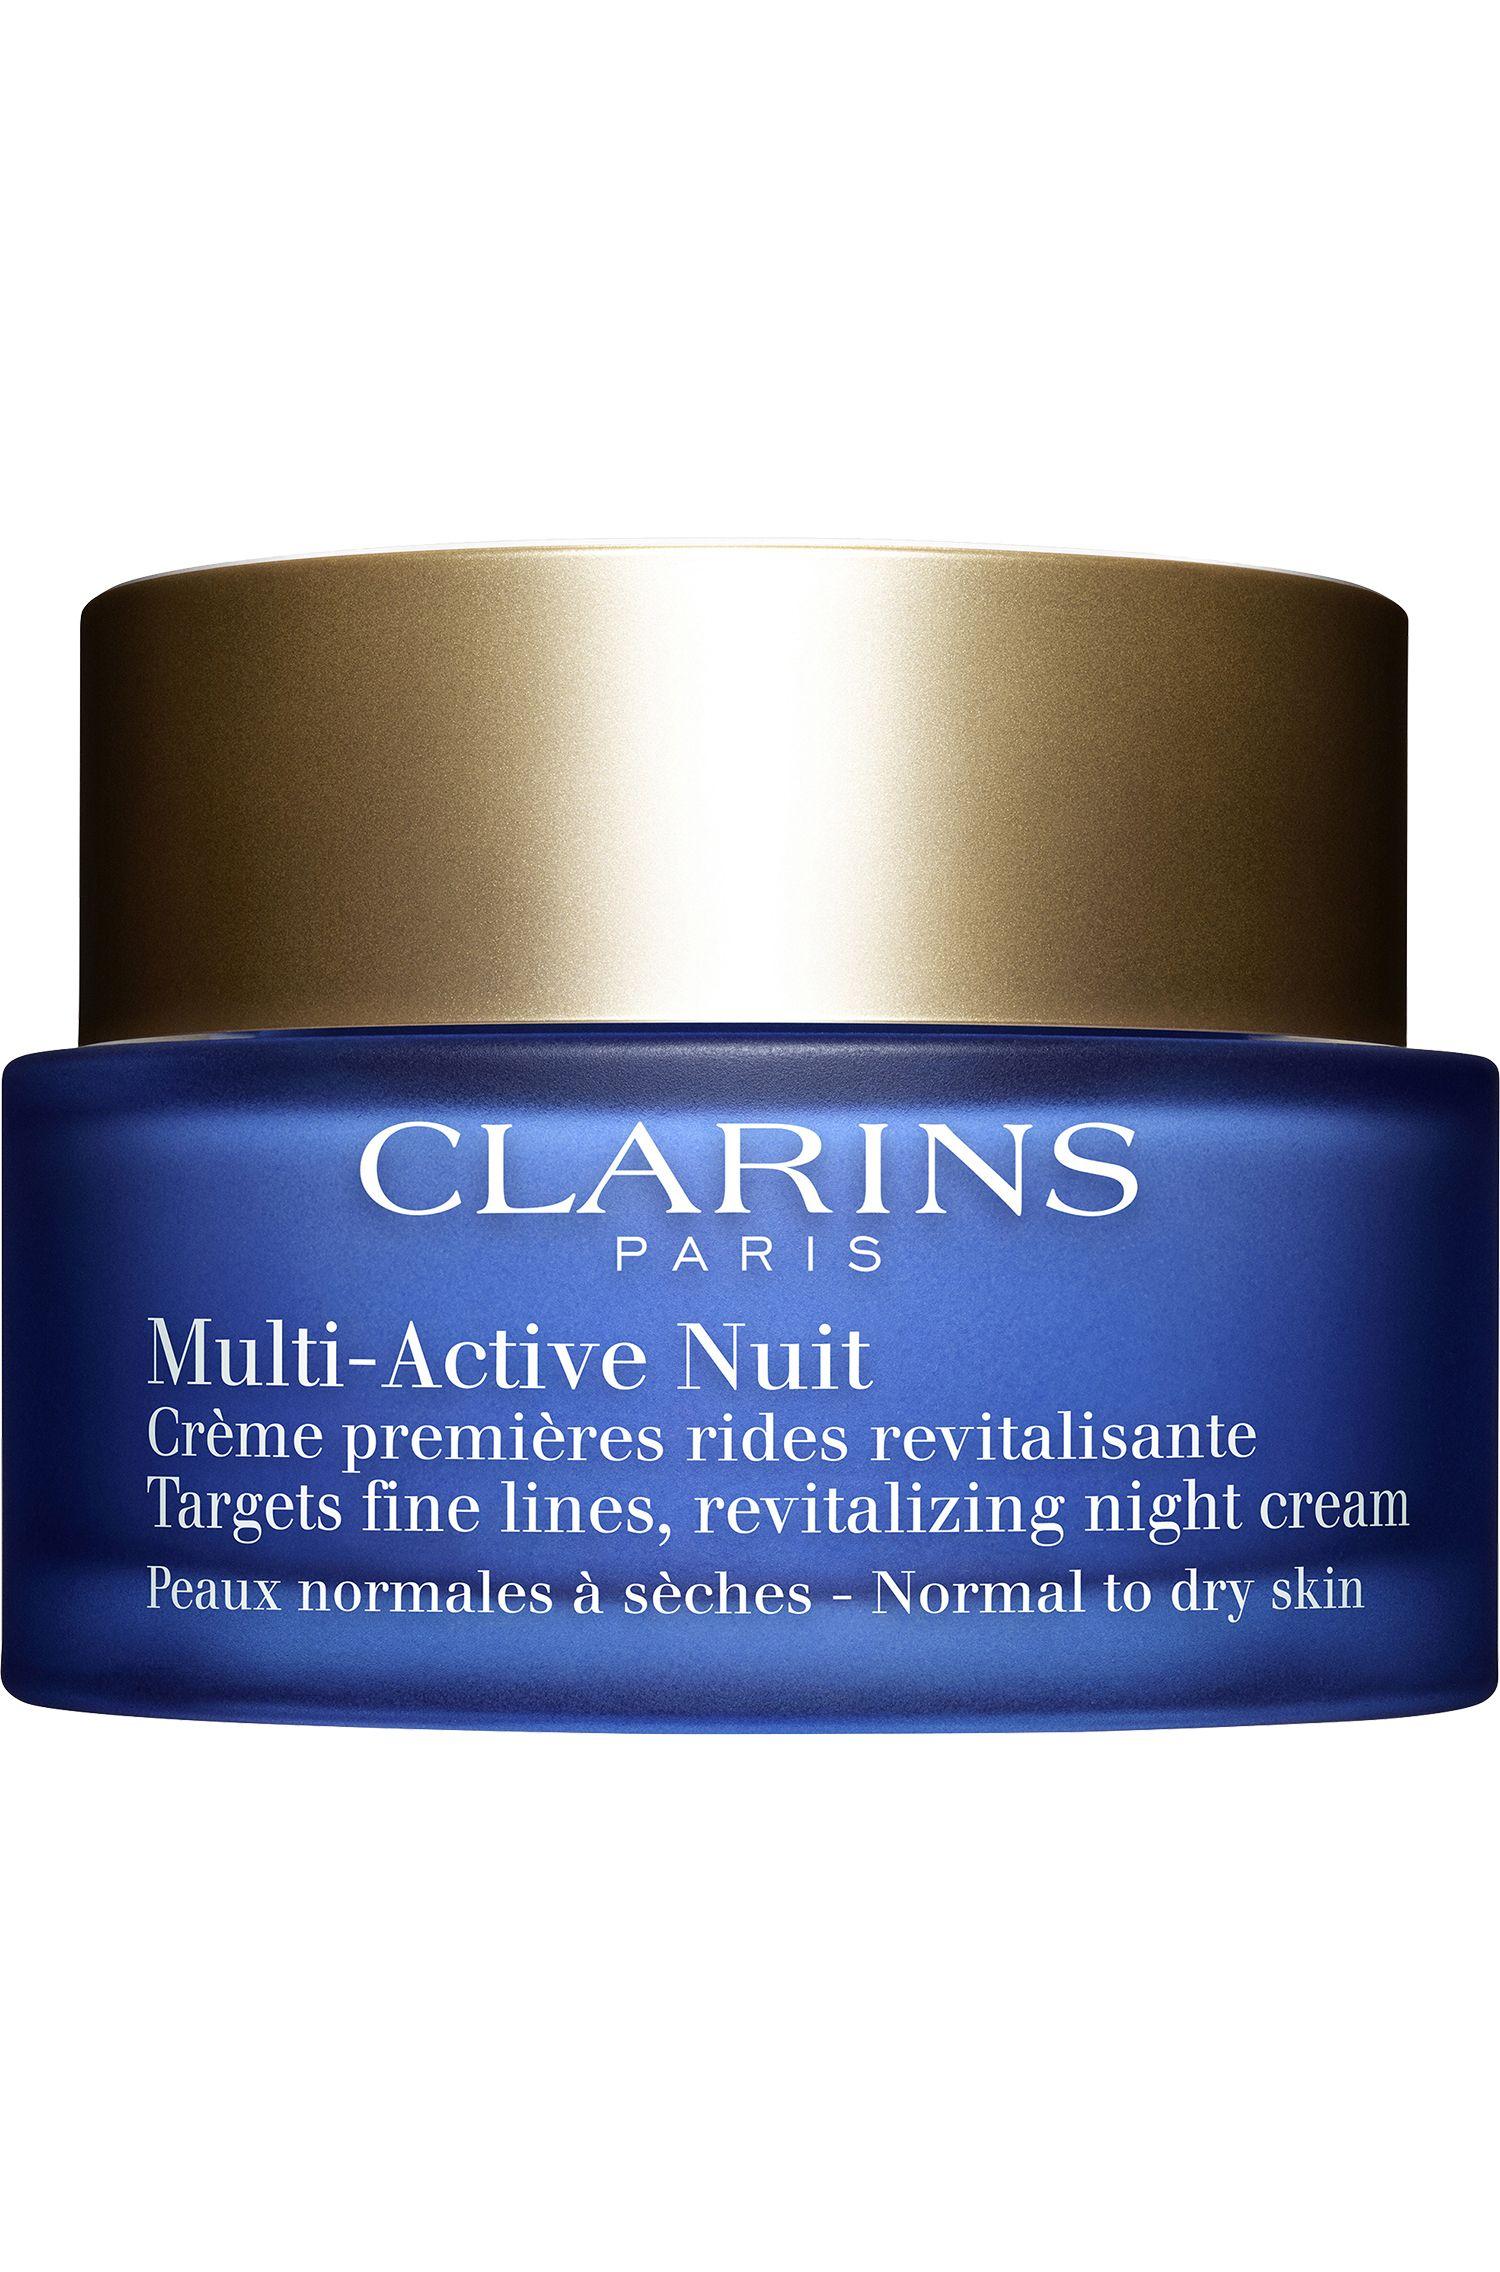 Blissim : Clarins - Crème nuit premières rides Multi-Active - Peaux normales à sèches